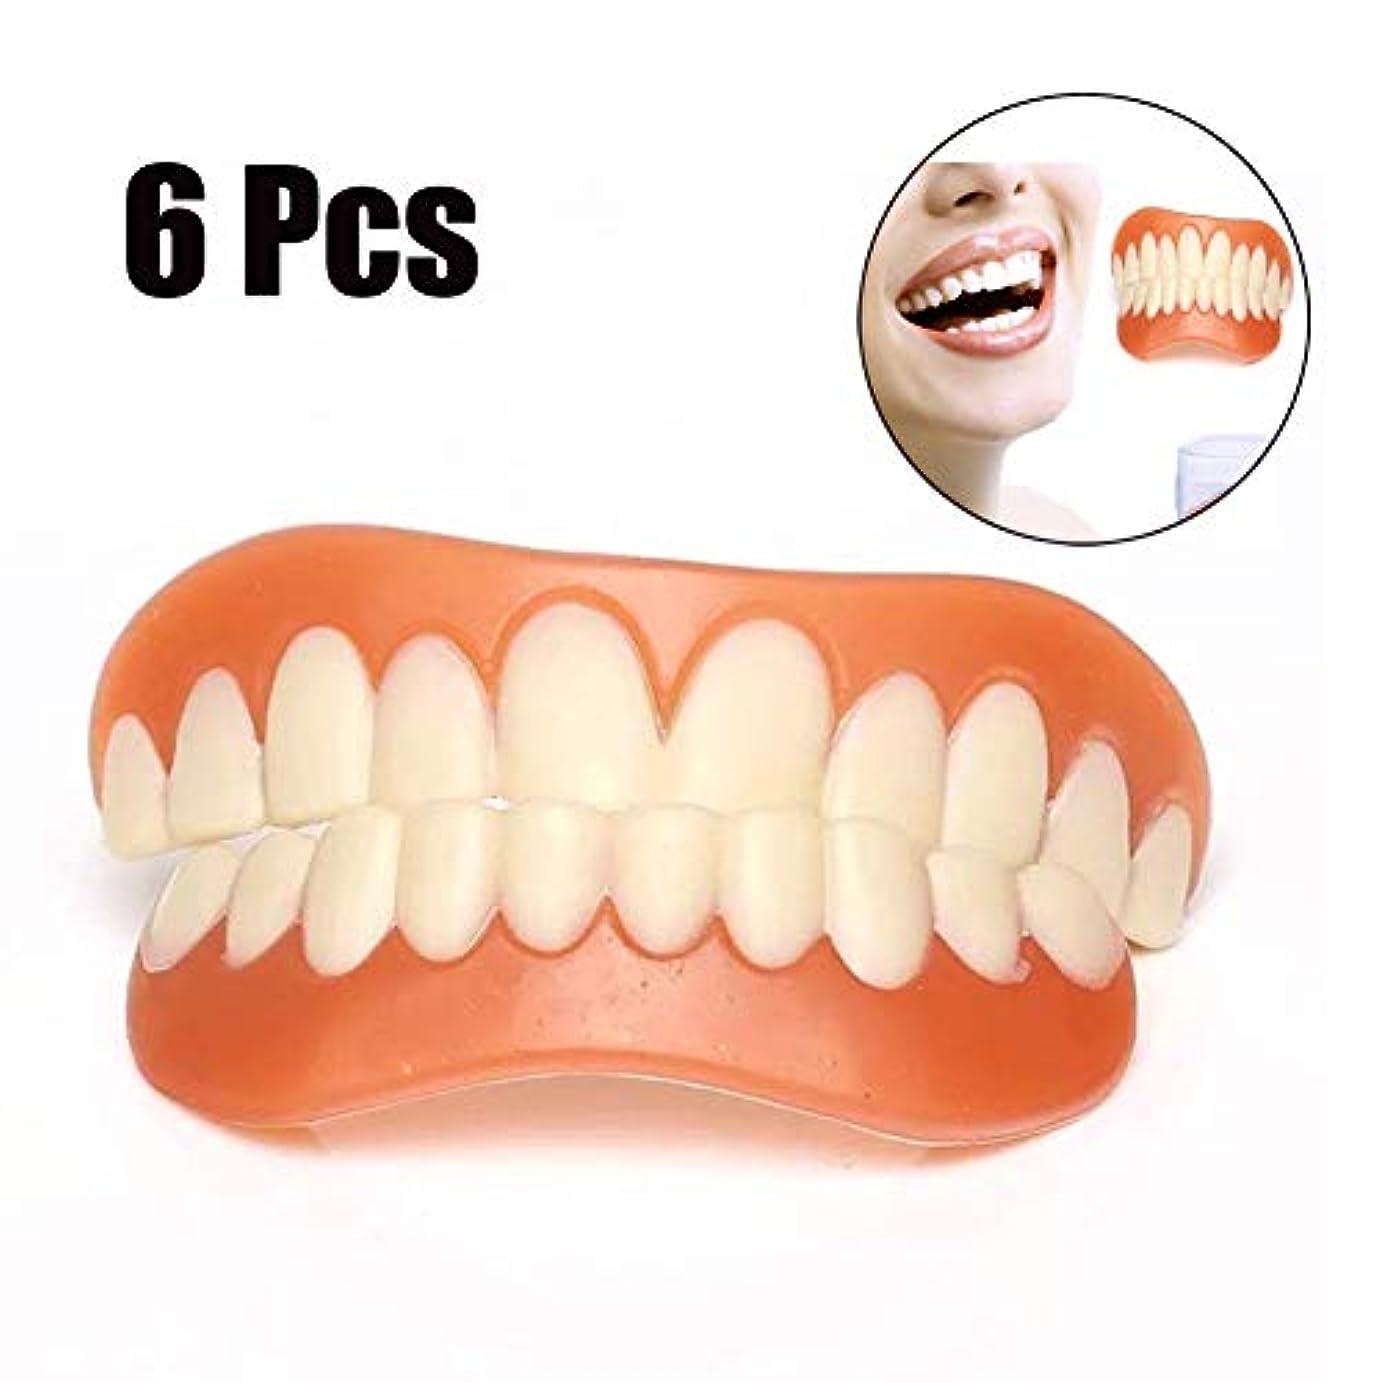 地上の同化ビリーヤギ6本のベニアの歯、化粧品の歯3ペア - インスタントスマイルコンフォートフィットフレックス化粧品の歯、ワンサイズ、快適なトップとボトムベニア